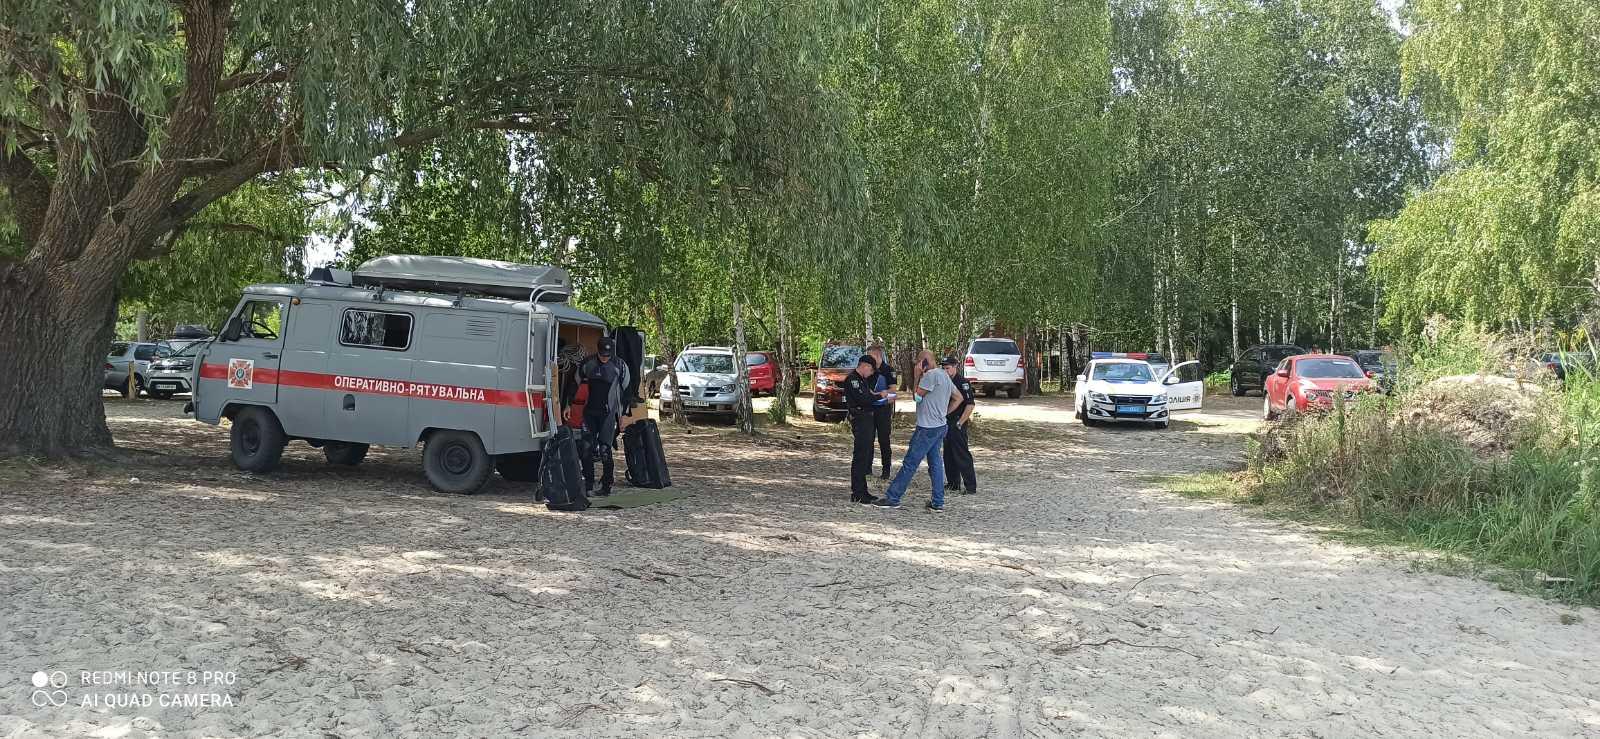 На Обухівщині розшукали тіло зниклого чоловіка -  - 117973629 4408608939209937 789946133361265097 o